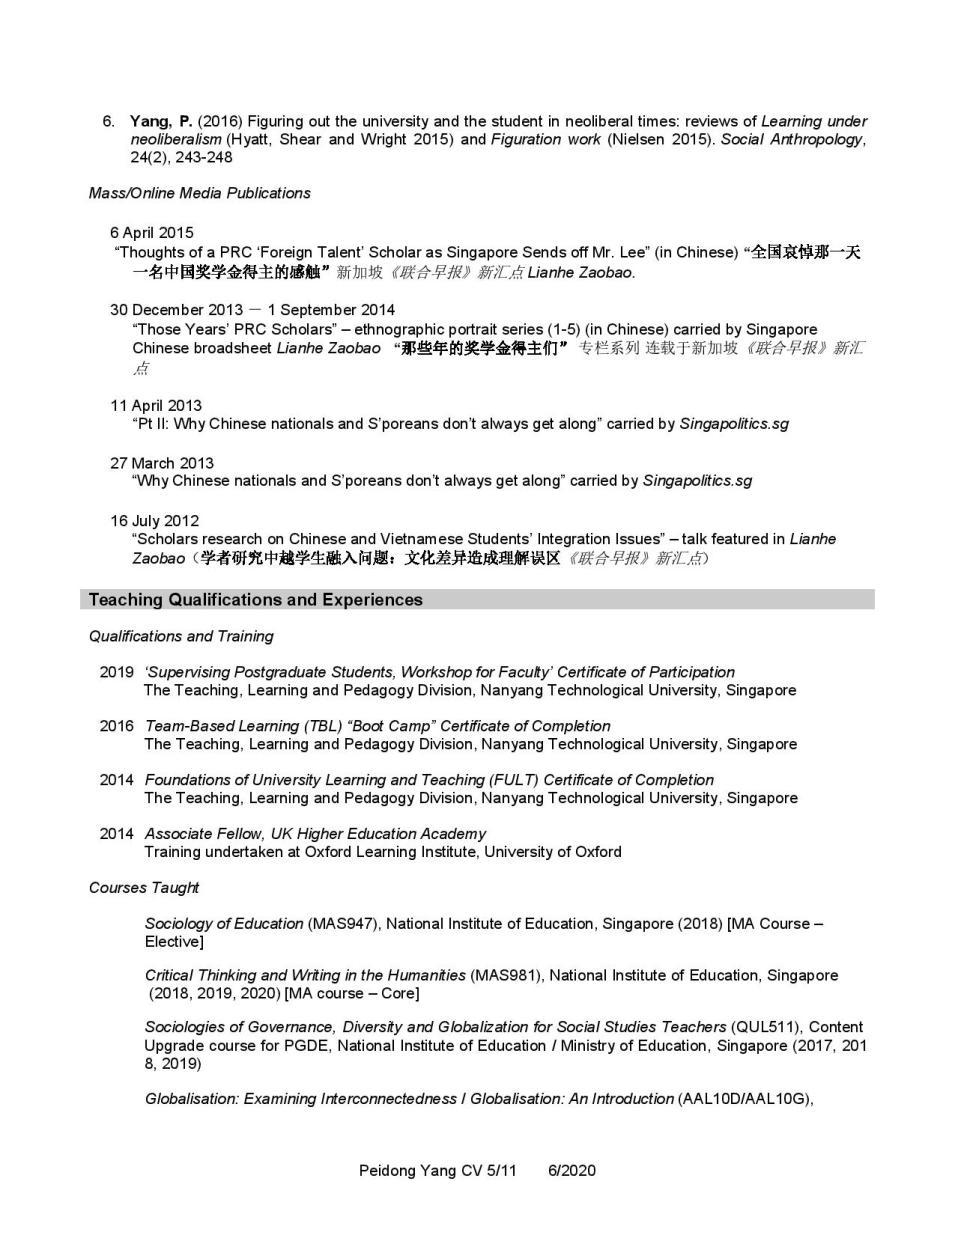 CV YANG Peidong_6.2020-page-005